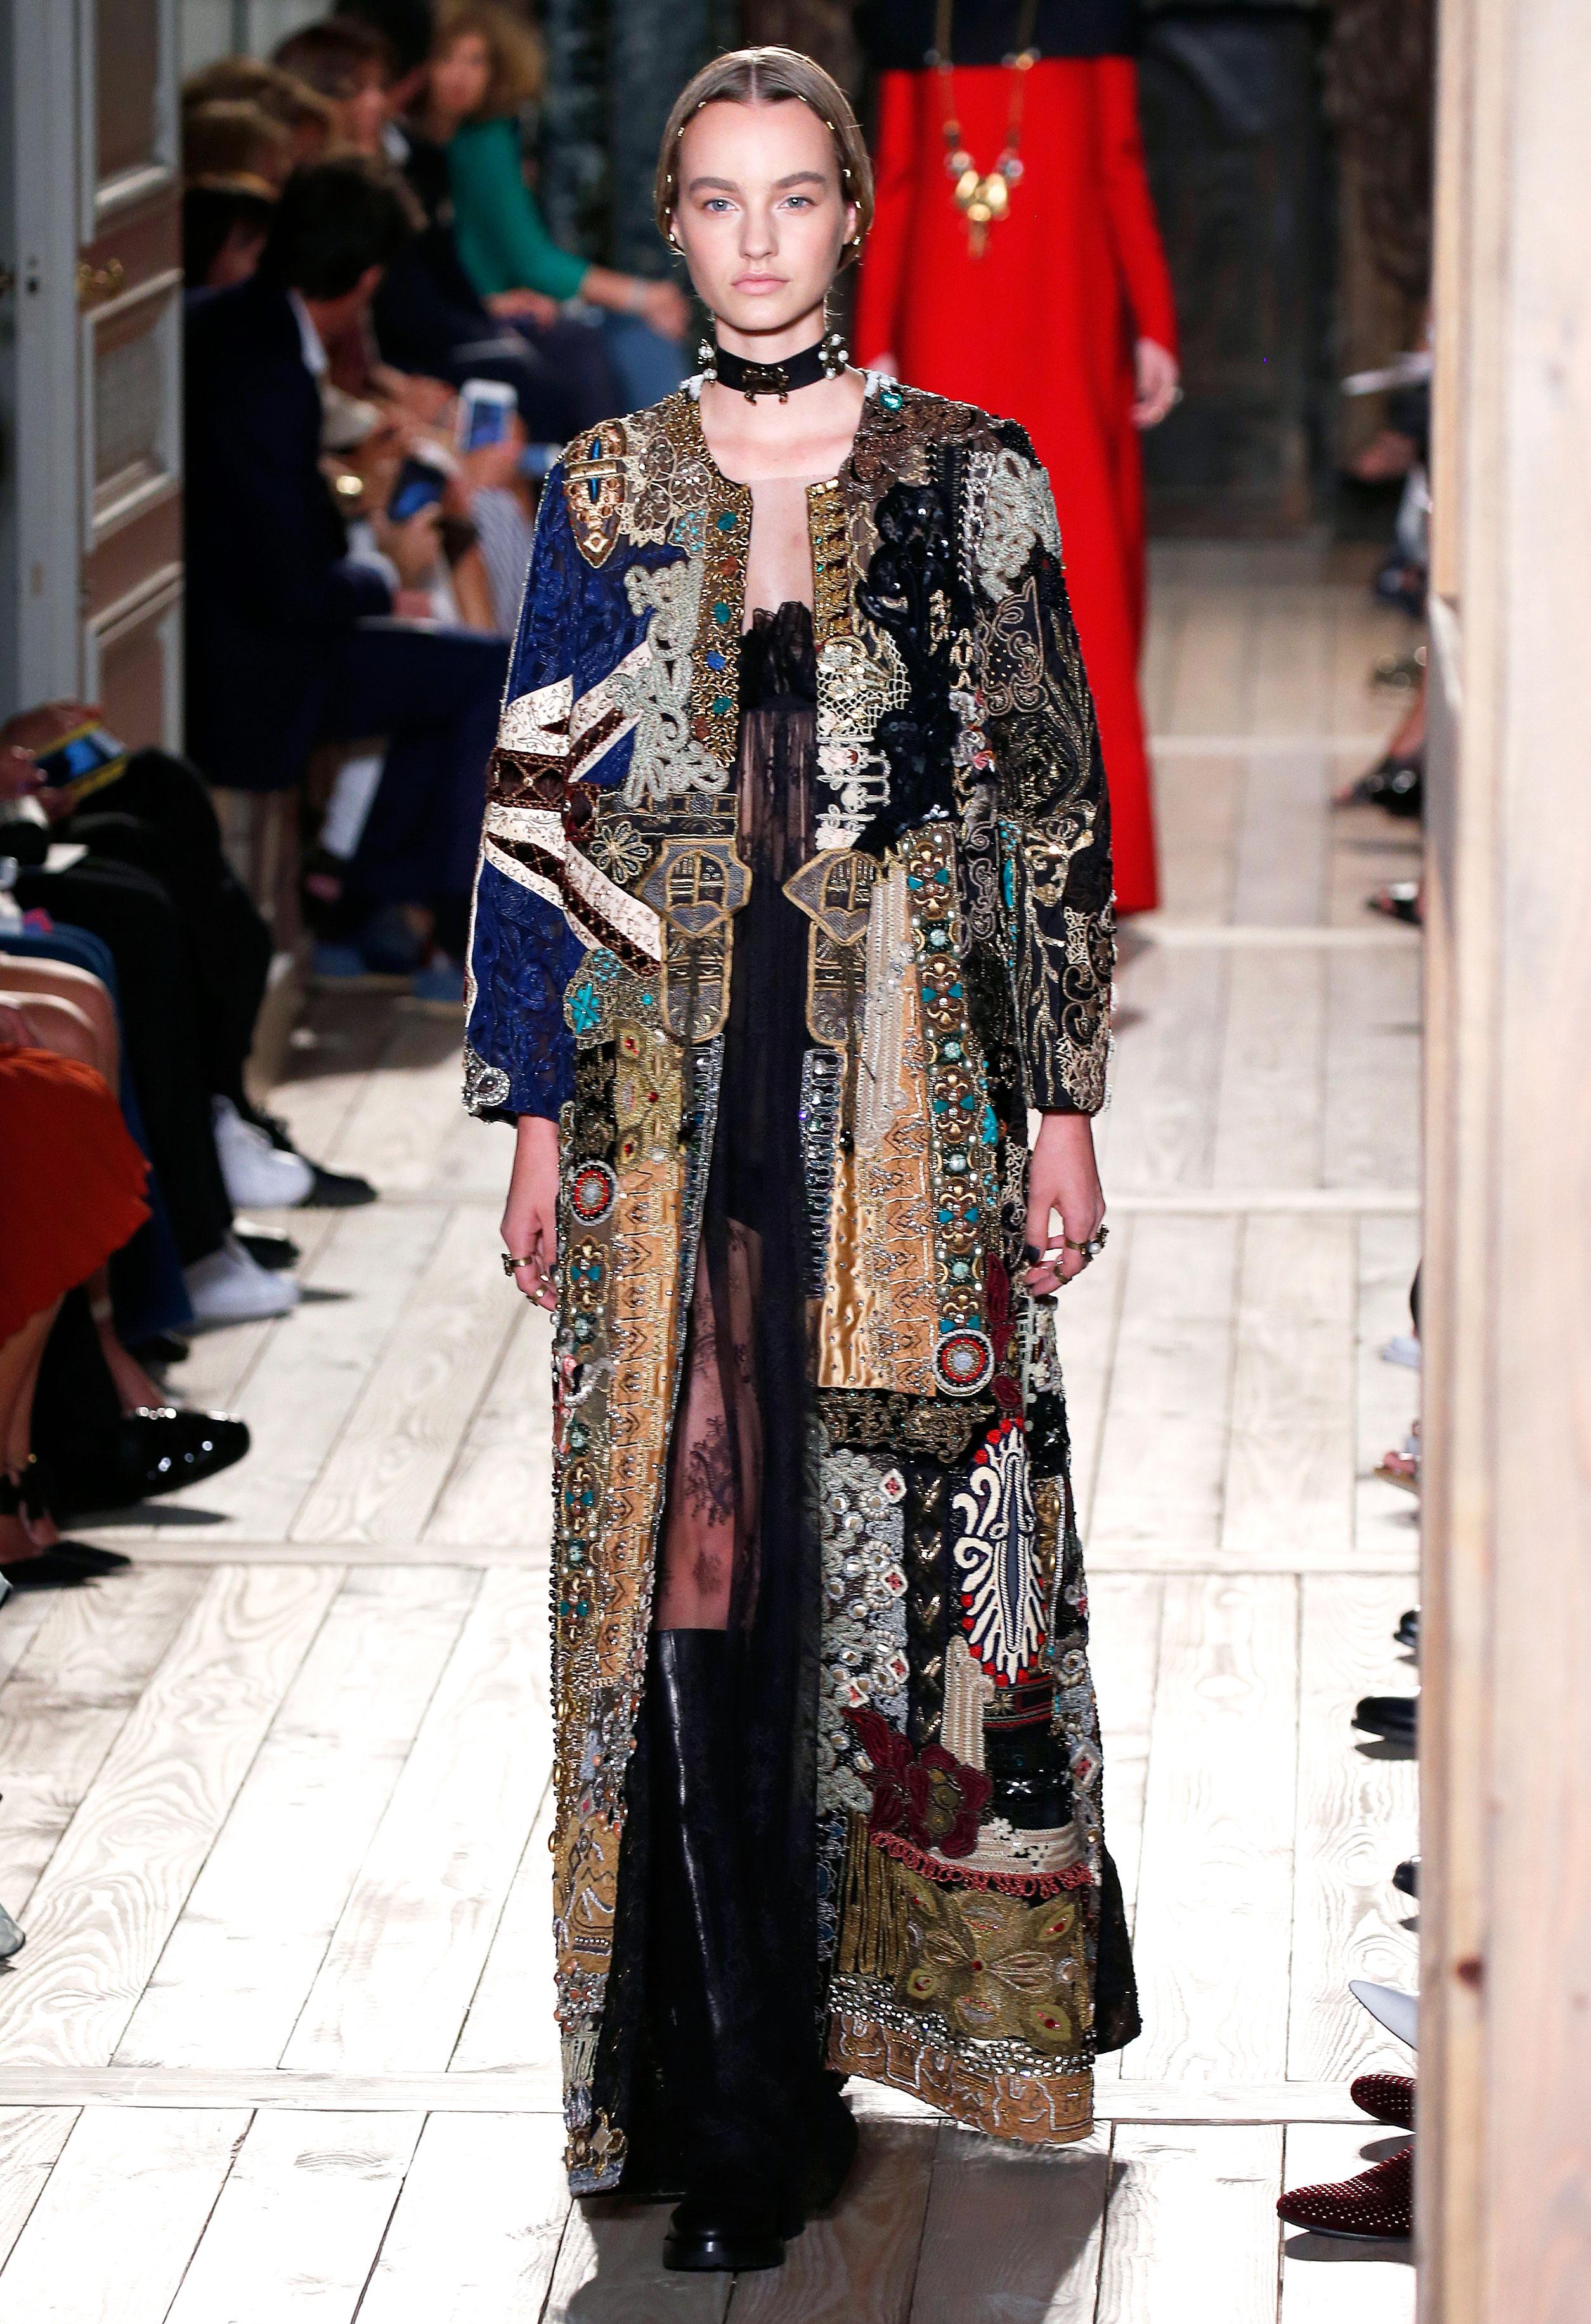 Valentino Designed By Pier Paolo Piccioli And Maria Grazia Chiuri At The Haute Couture Fall Winter 2016 17 Show Estrop Getty